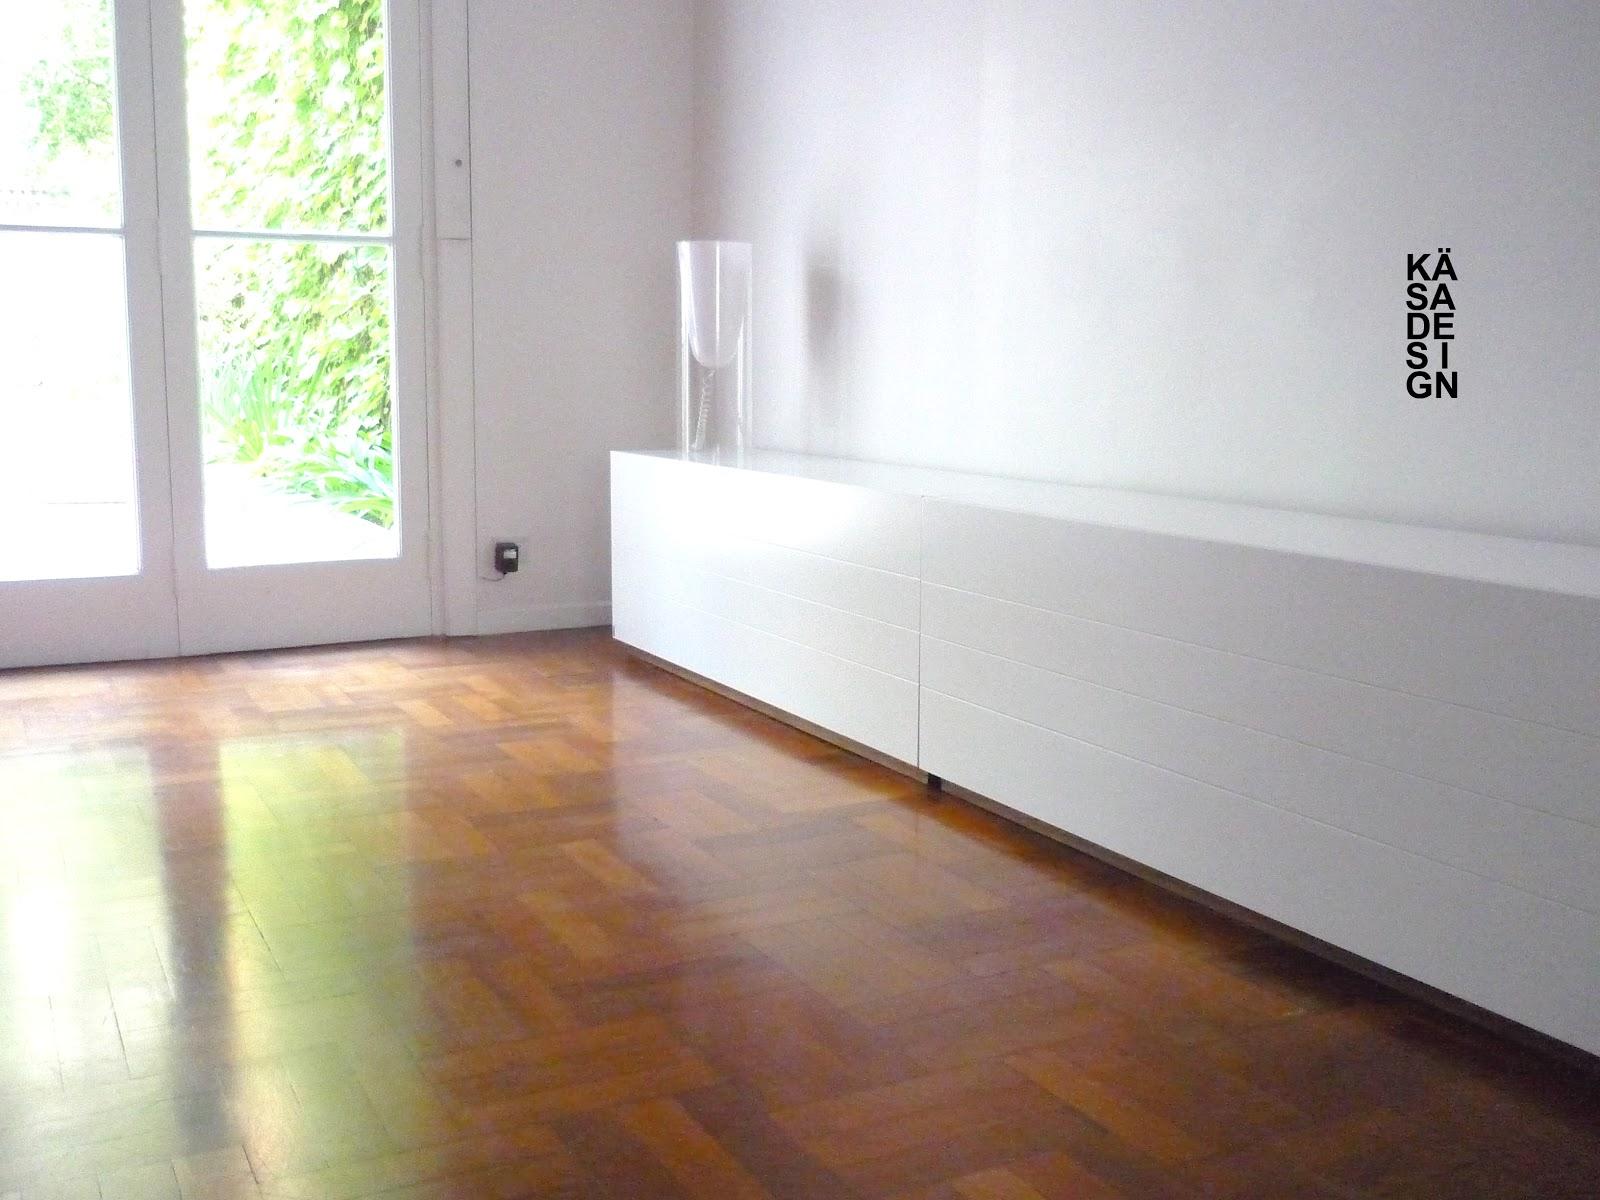 Kasa mueble snow en casa muy bella de palermo 2 modulos for Kasa diseno interior